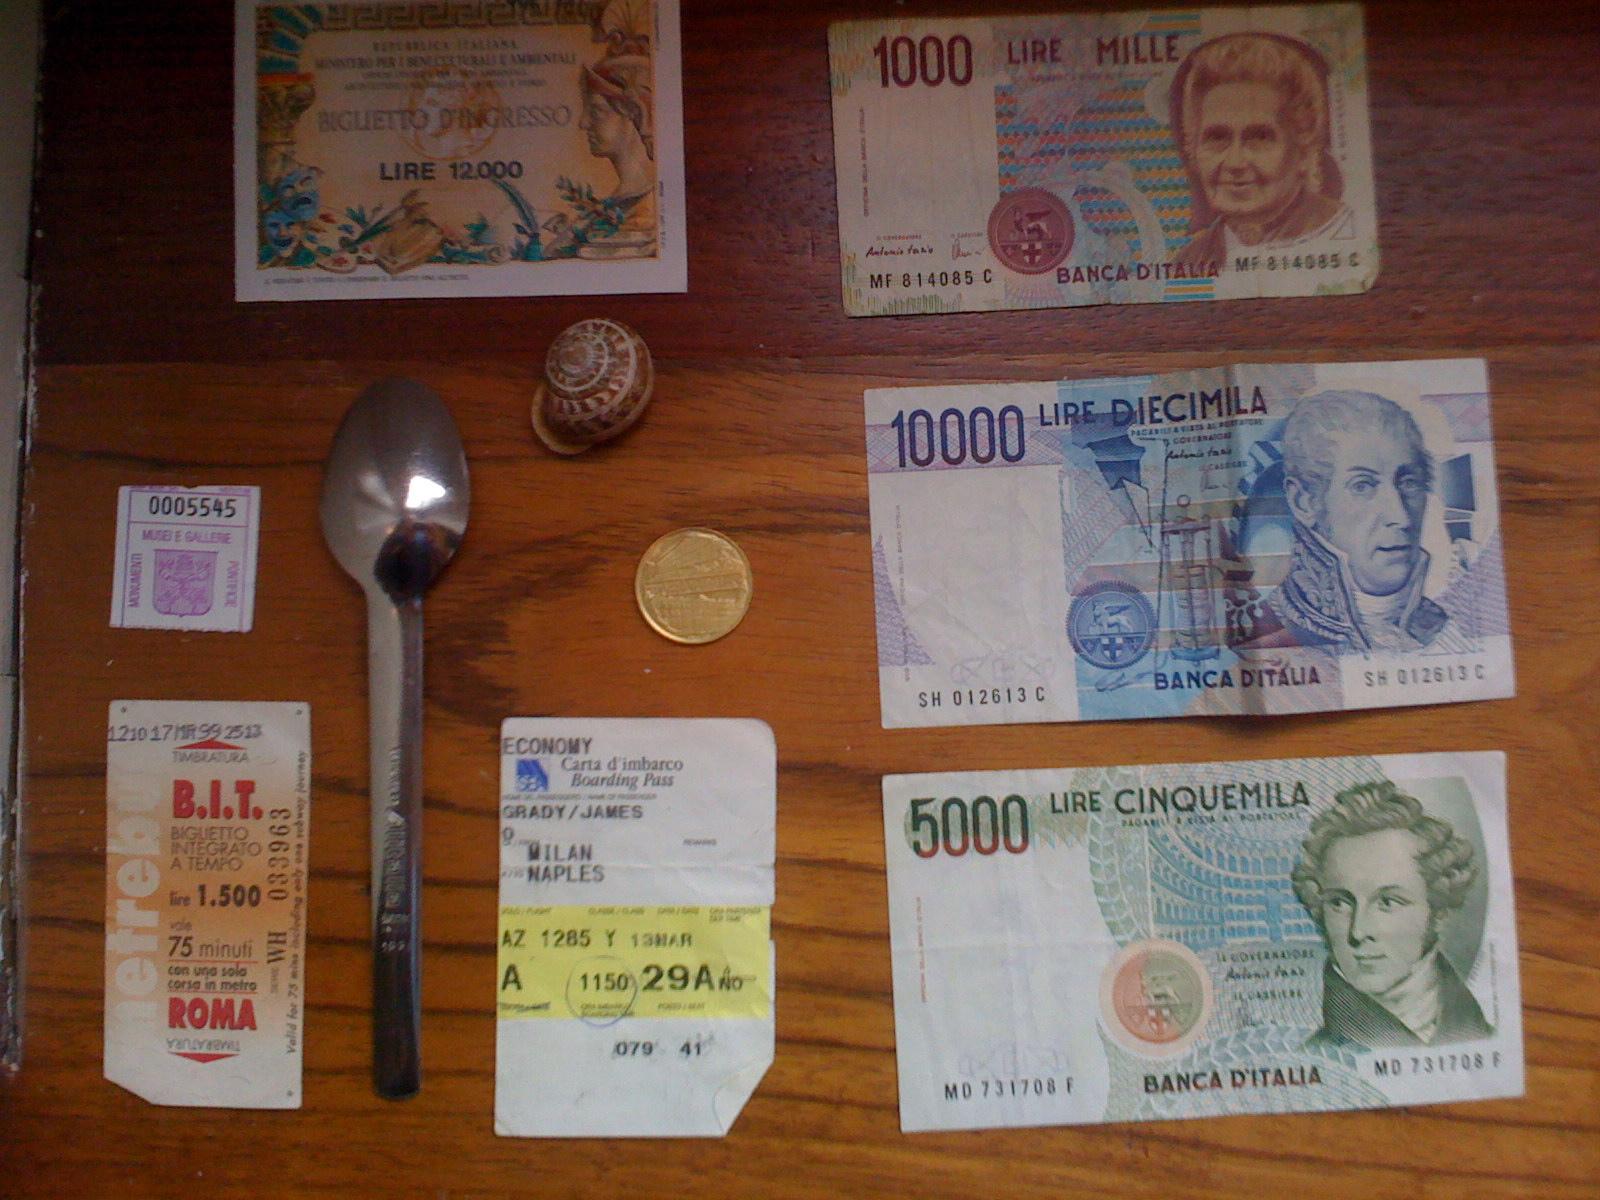 Lira, Alitalia spoon, Alitalia ticket, receipt